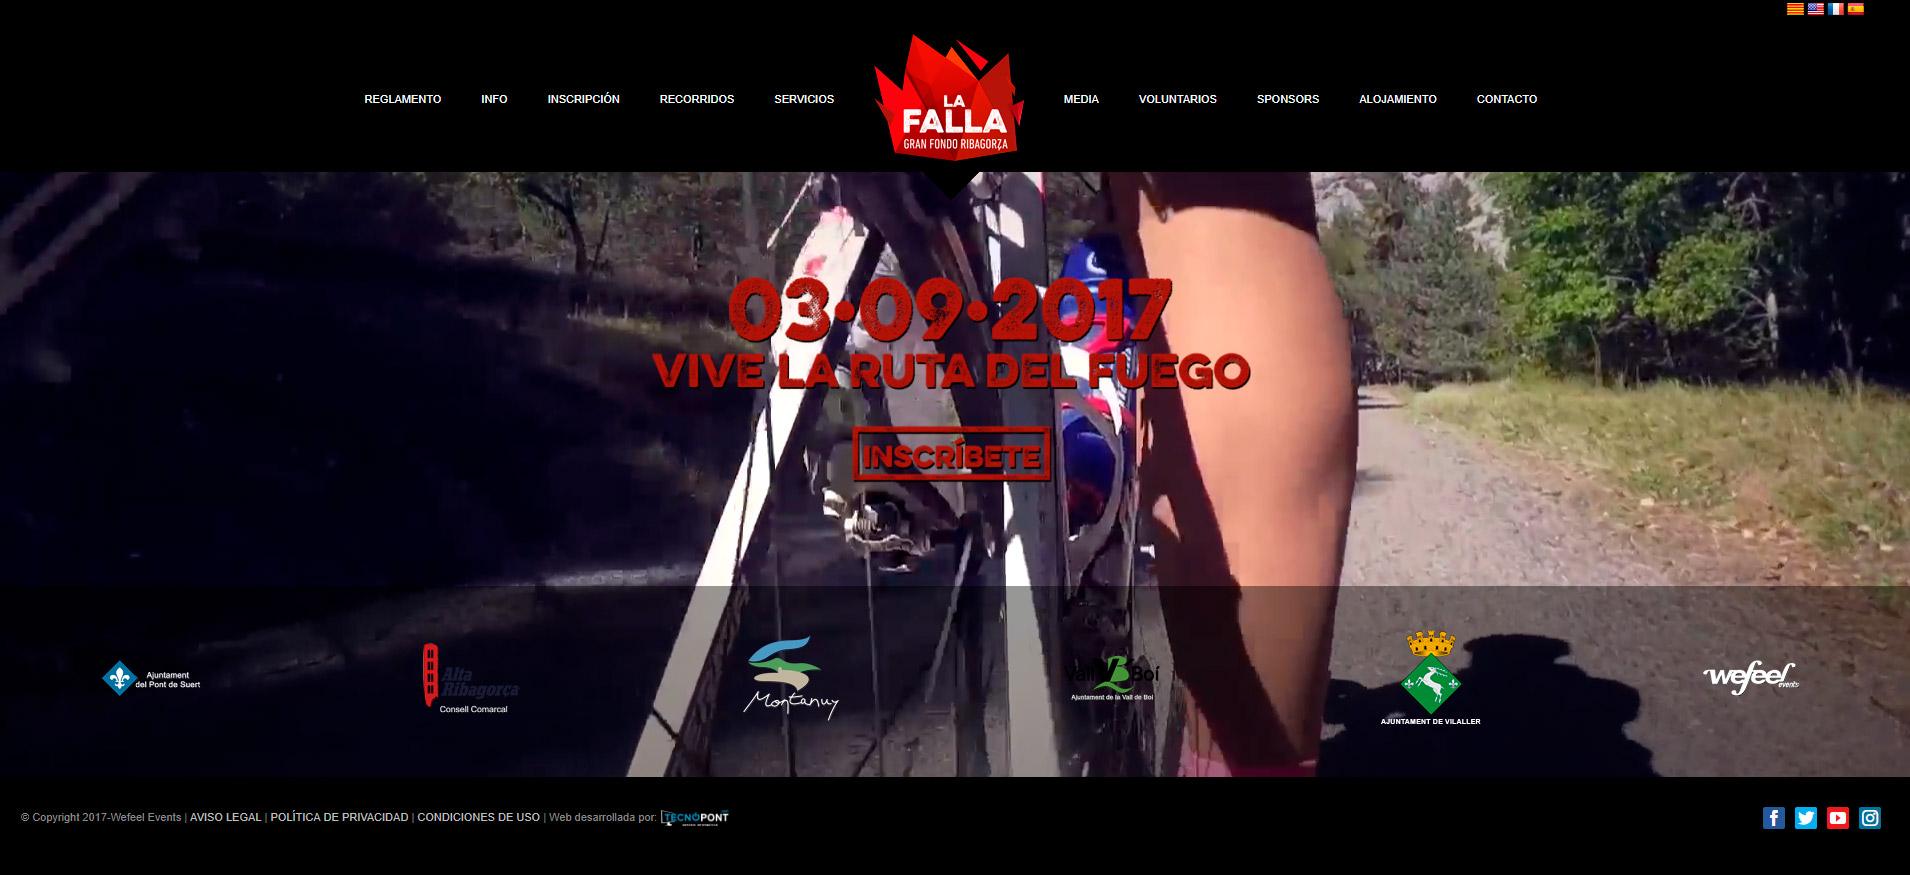 Gran Fondo La Falla, marcha cicloturista en el Pirineo